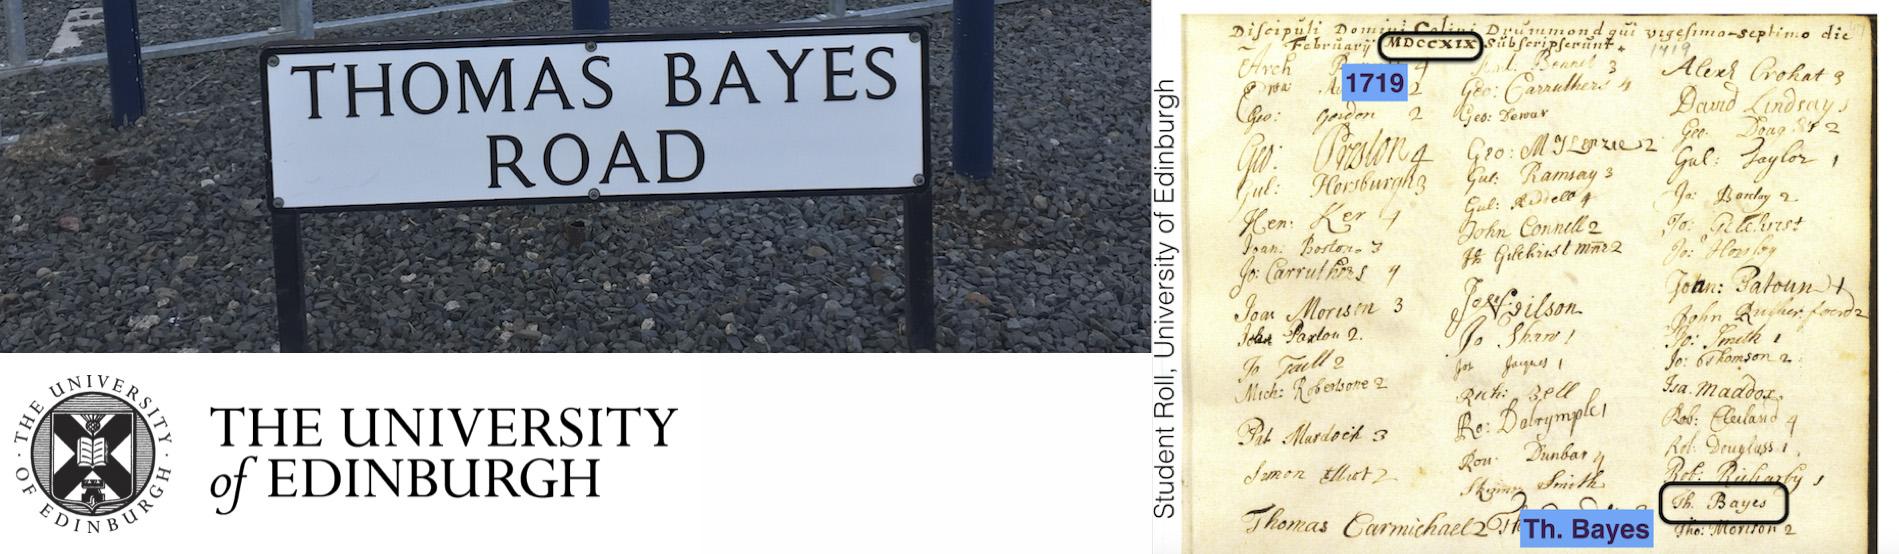 Bayes and Edinburgh